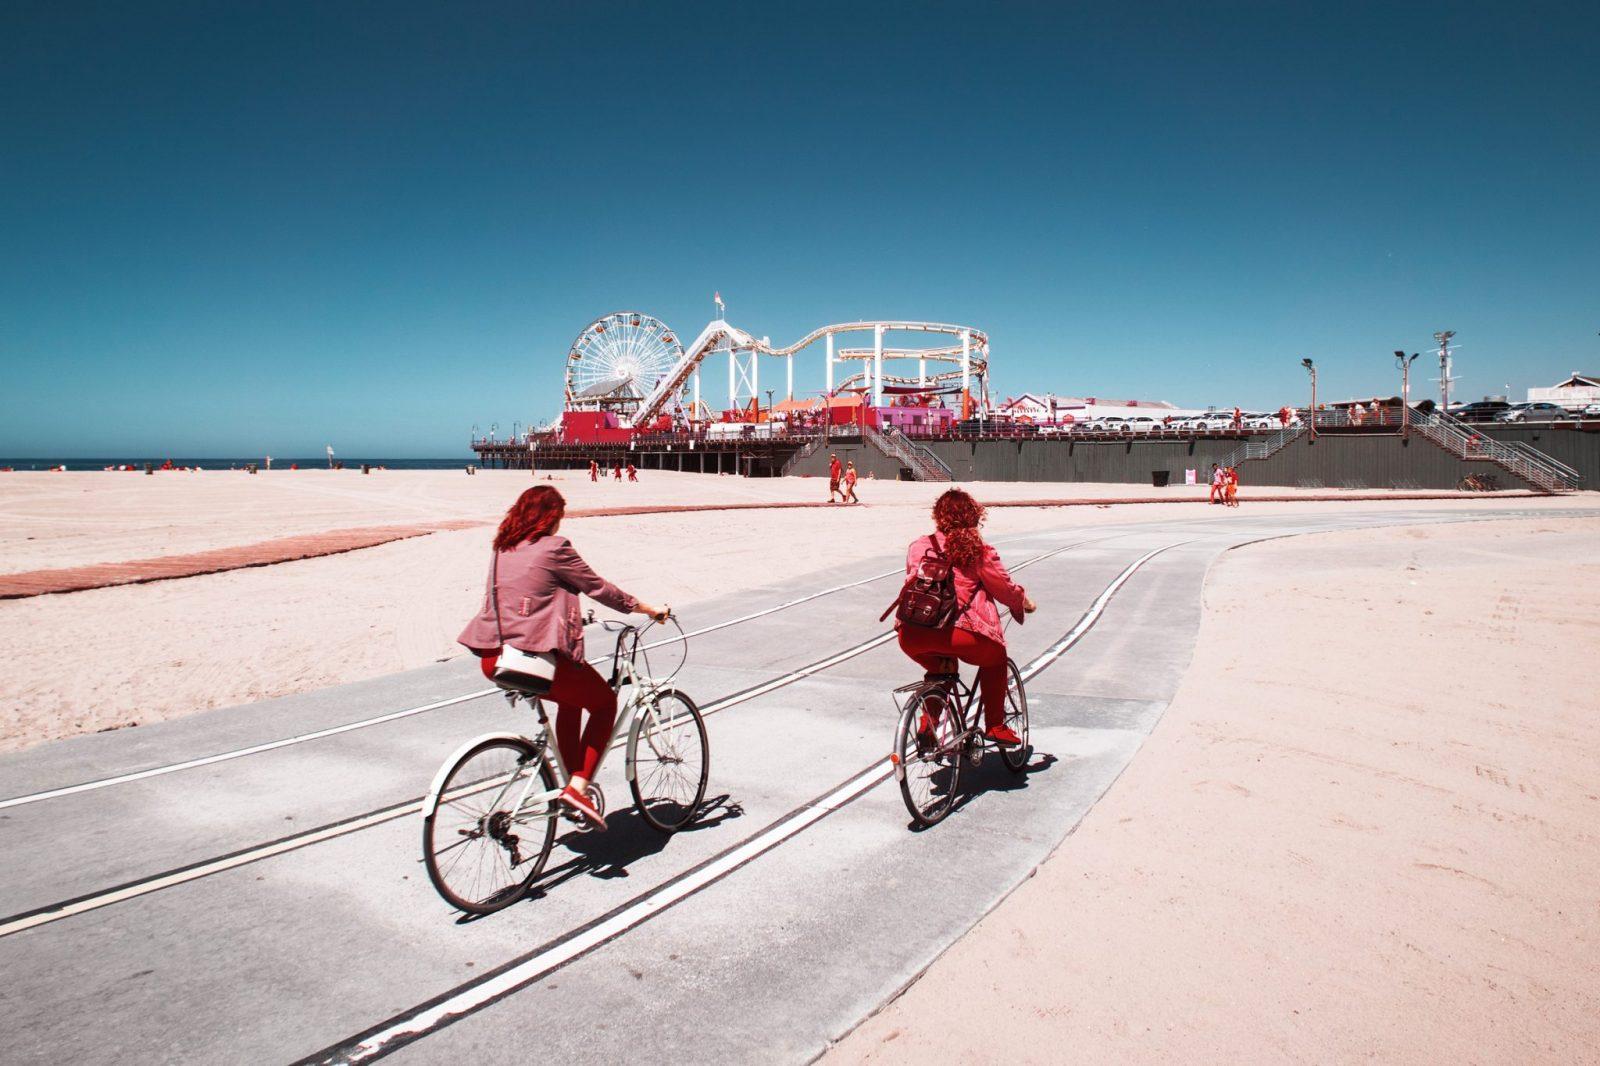 Promenade de Venice Beach, Los Angeles. Photographie infrarouge, aérochrome numérique, réalisée par le photographe Pierre-Louis Ferrer, spécialiste en photographie dans l'ultraviolet et l'infrarouge.